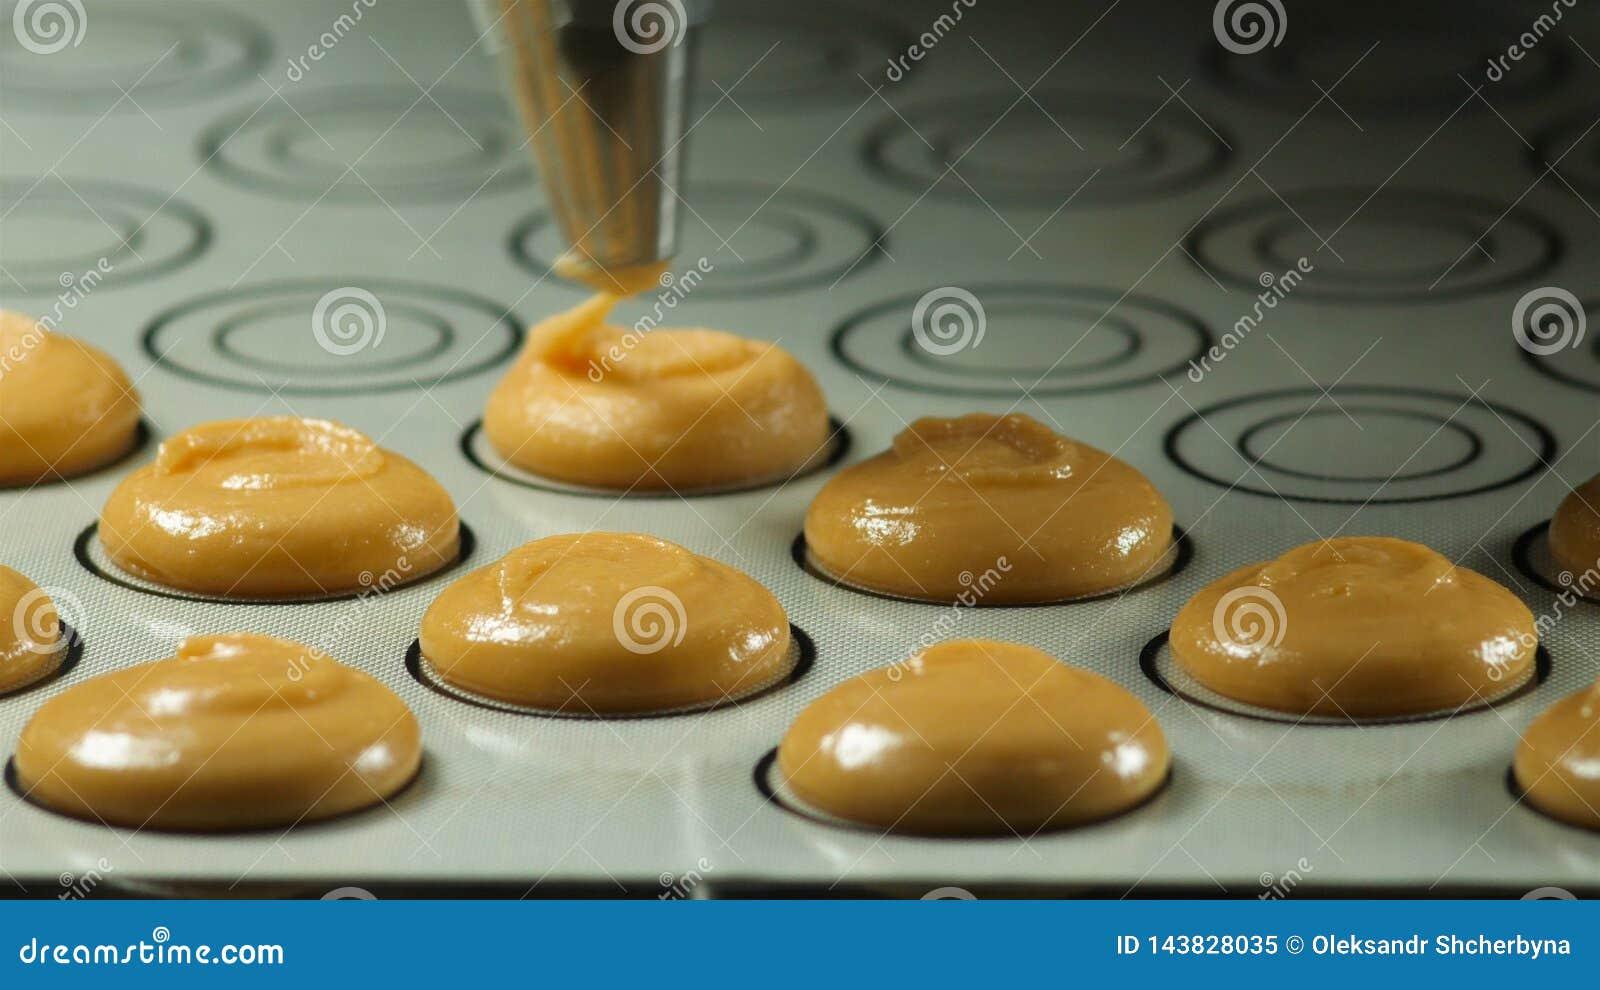 做macaron,法国点心,紧压烹调袋子的面团形式 食品工业、大量或者批量生产